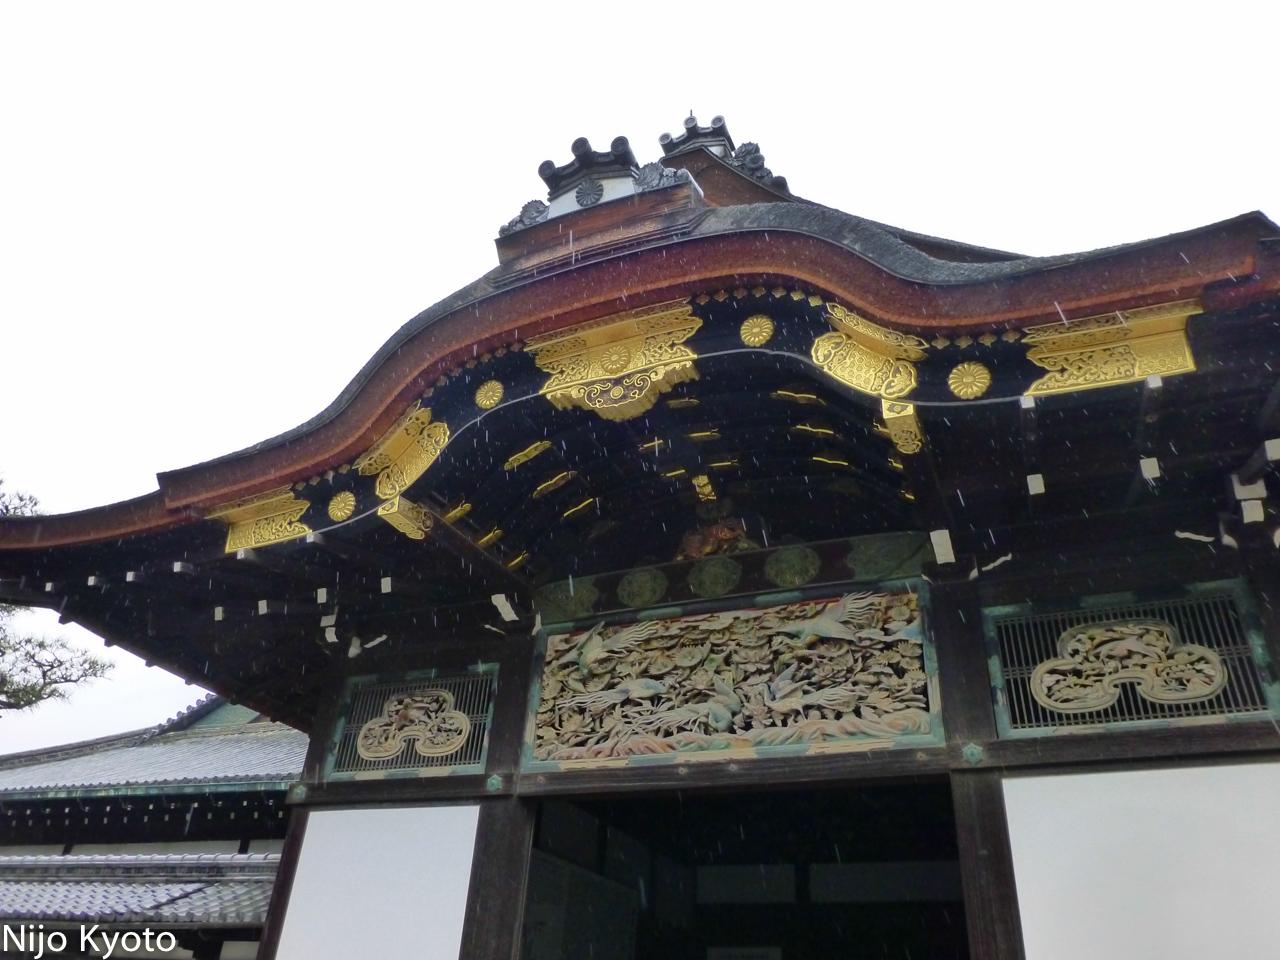 nijo_kyoto-2